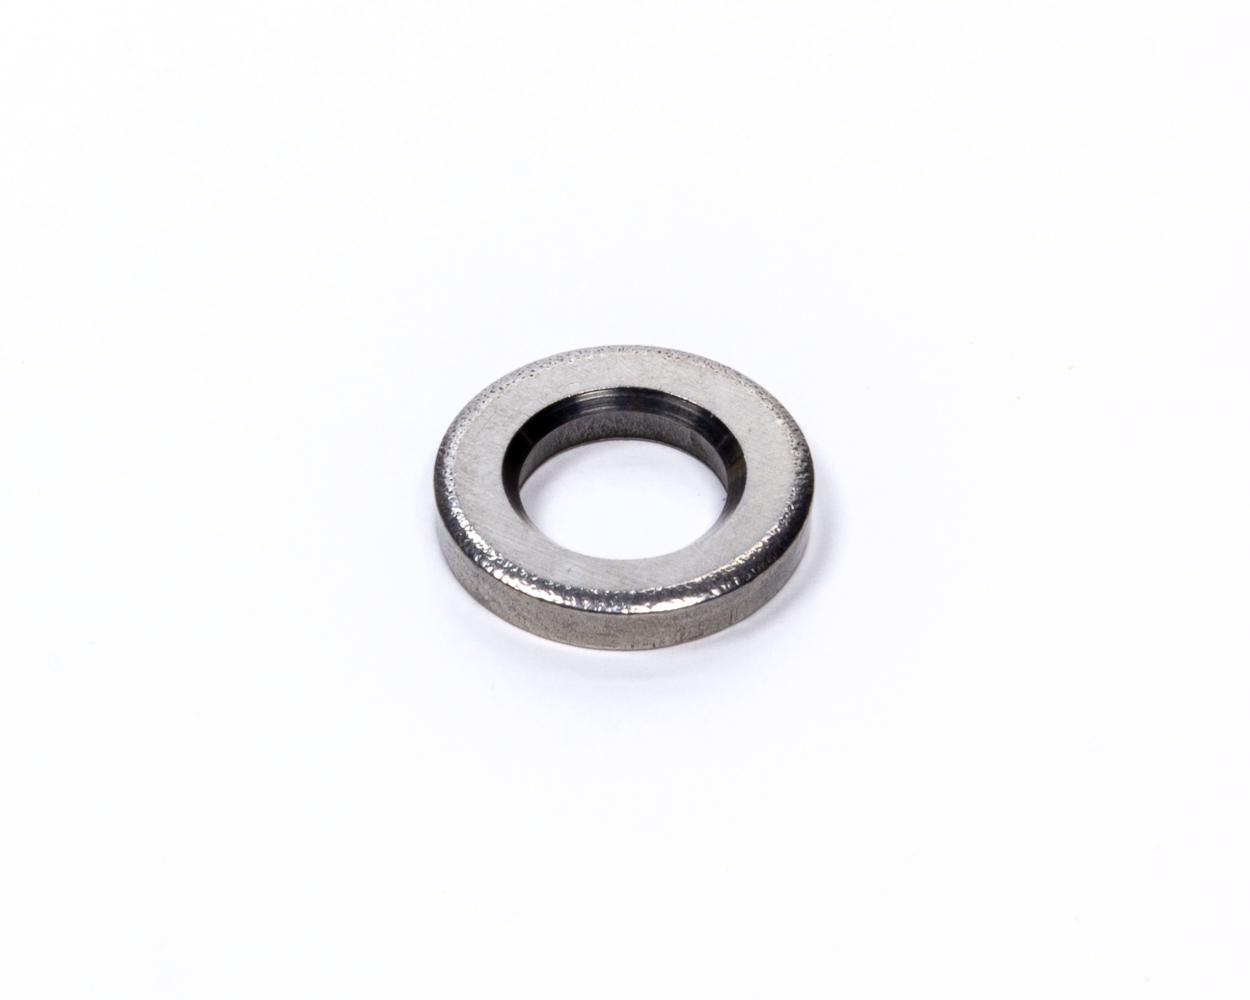 S/S Flat Washers - 3/8 ID x .715 OD (1pk)